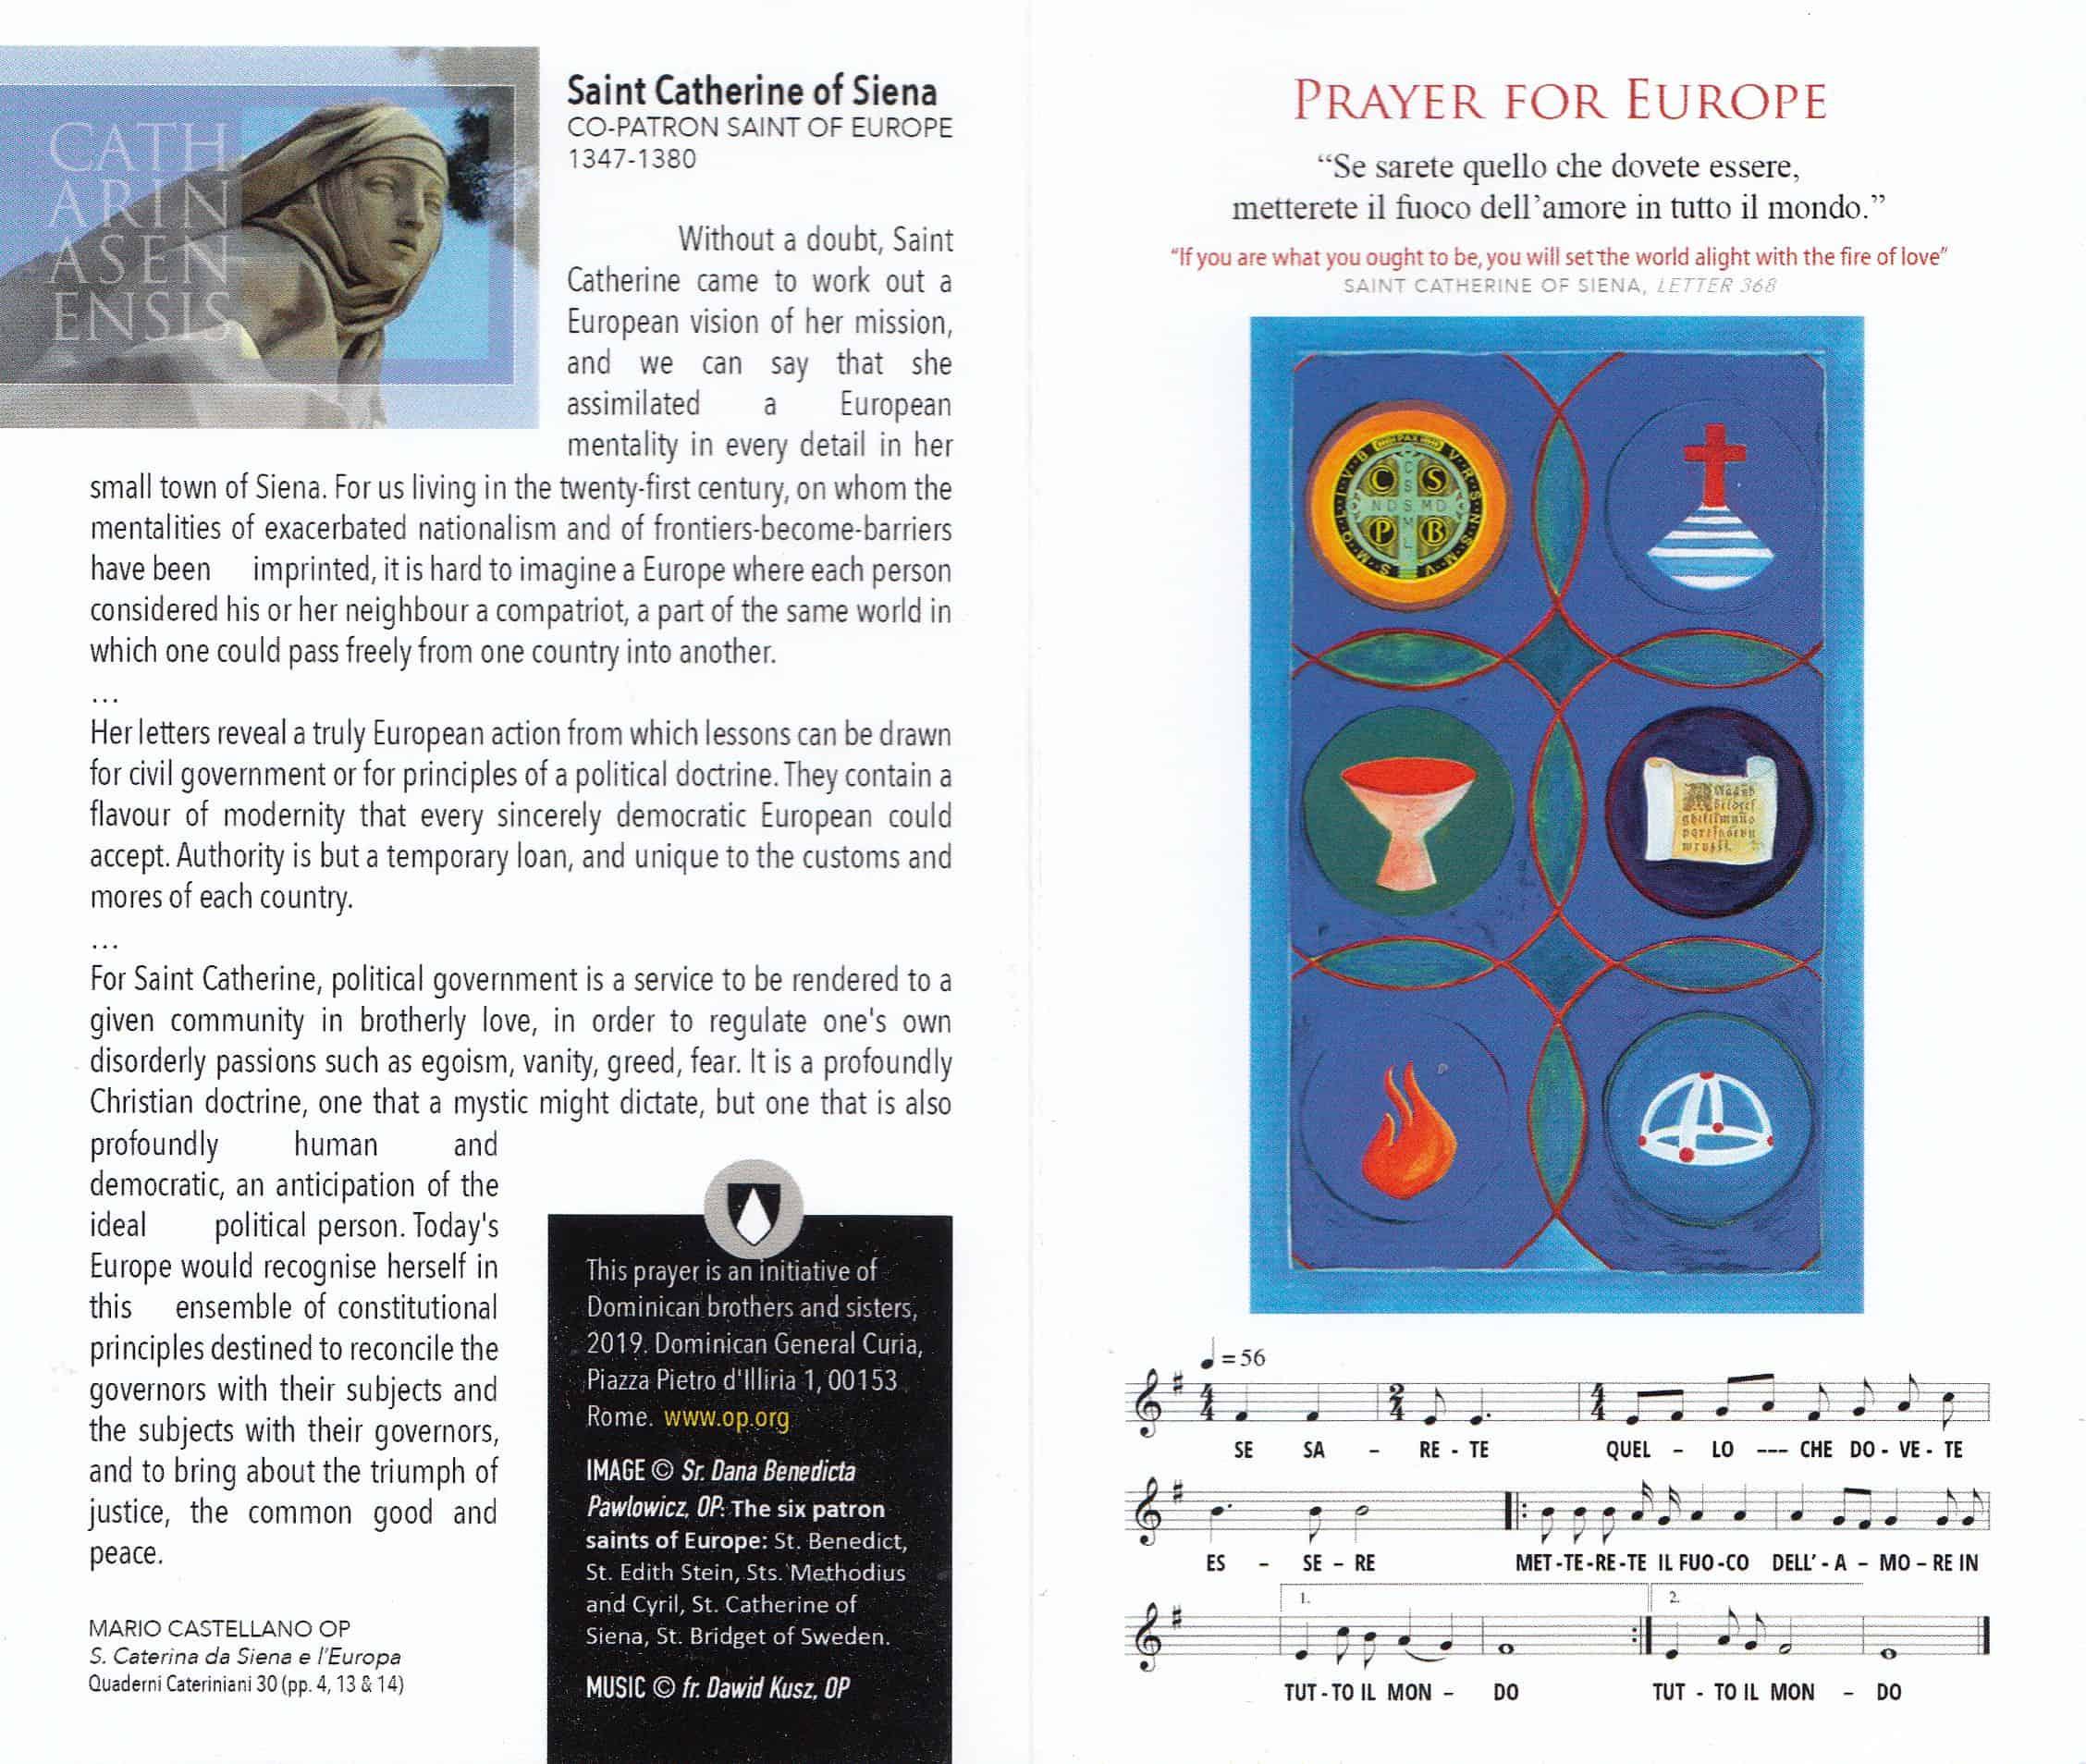 Prayer for Europe_0001